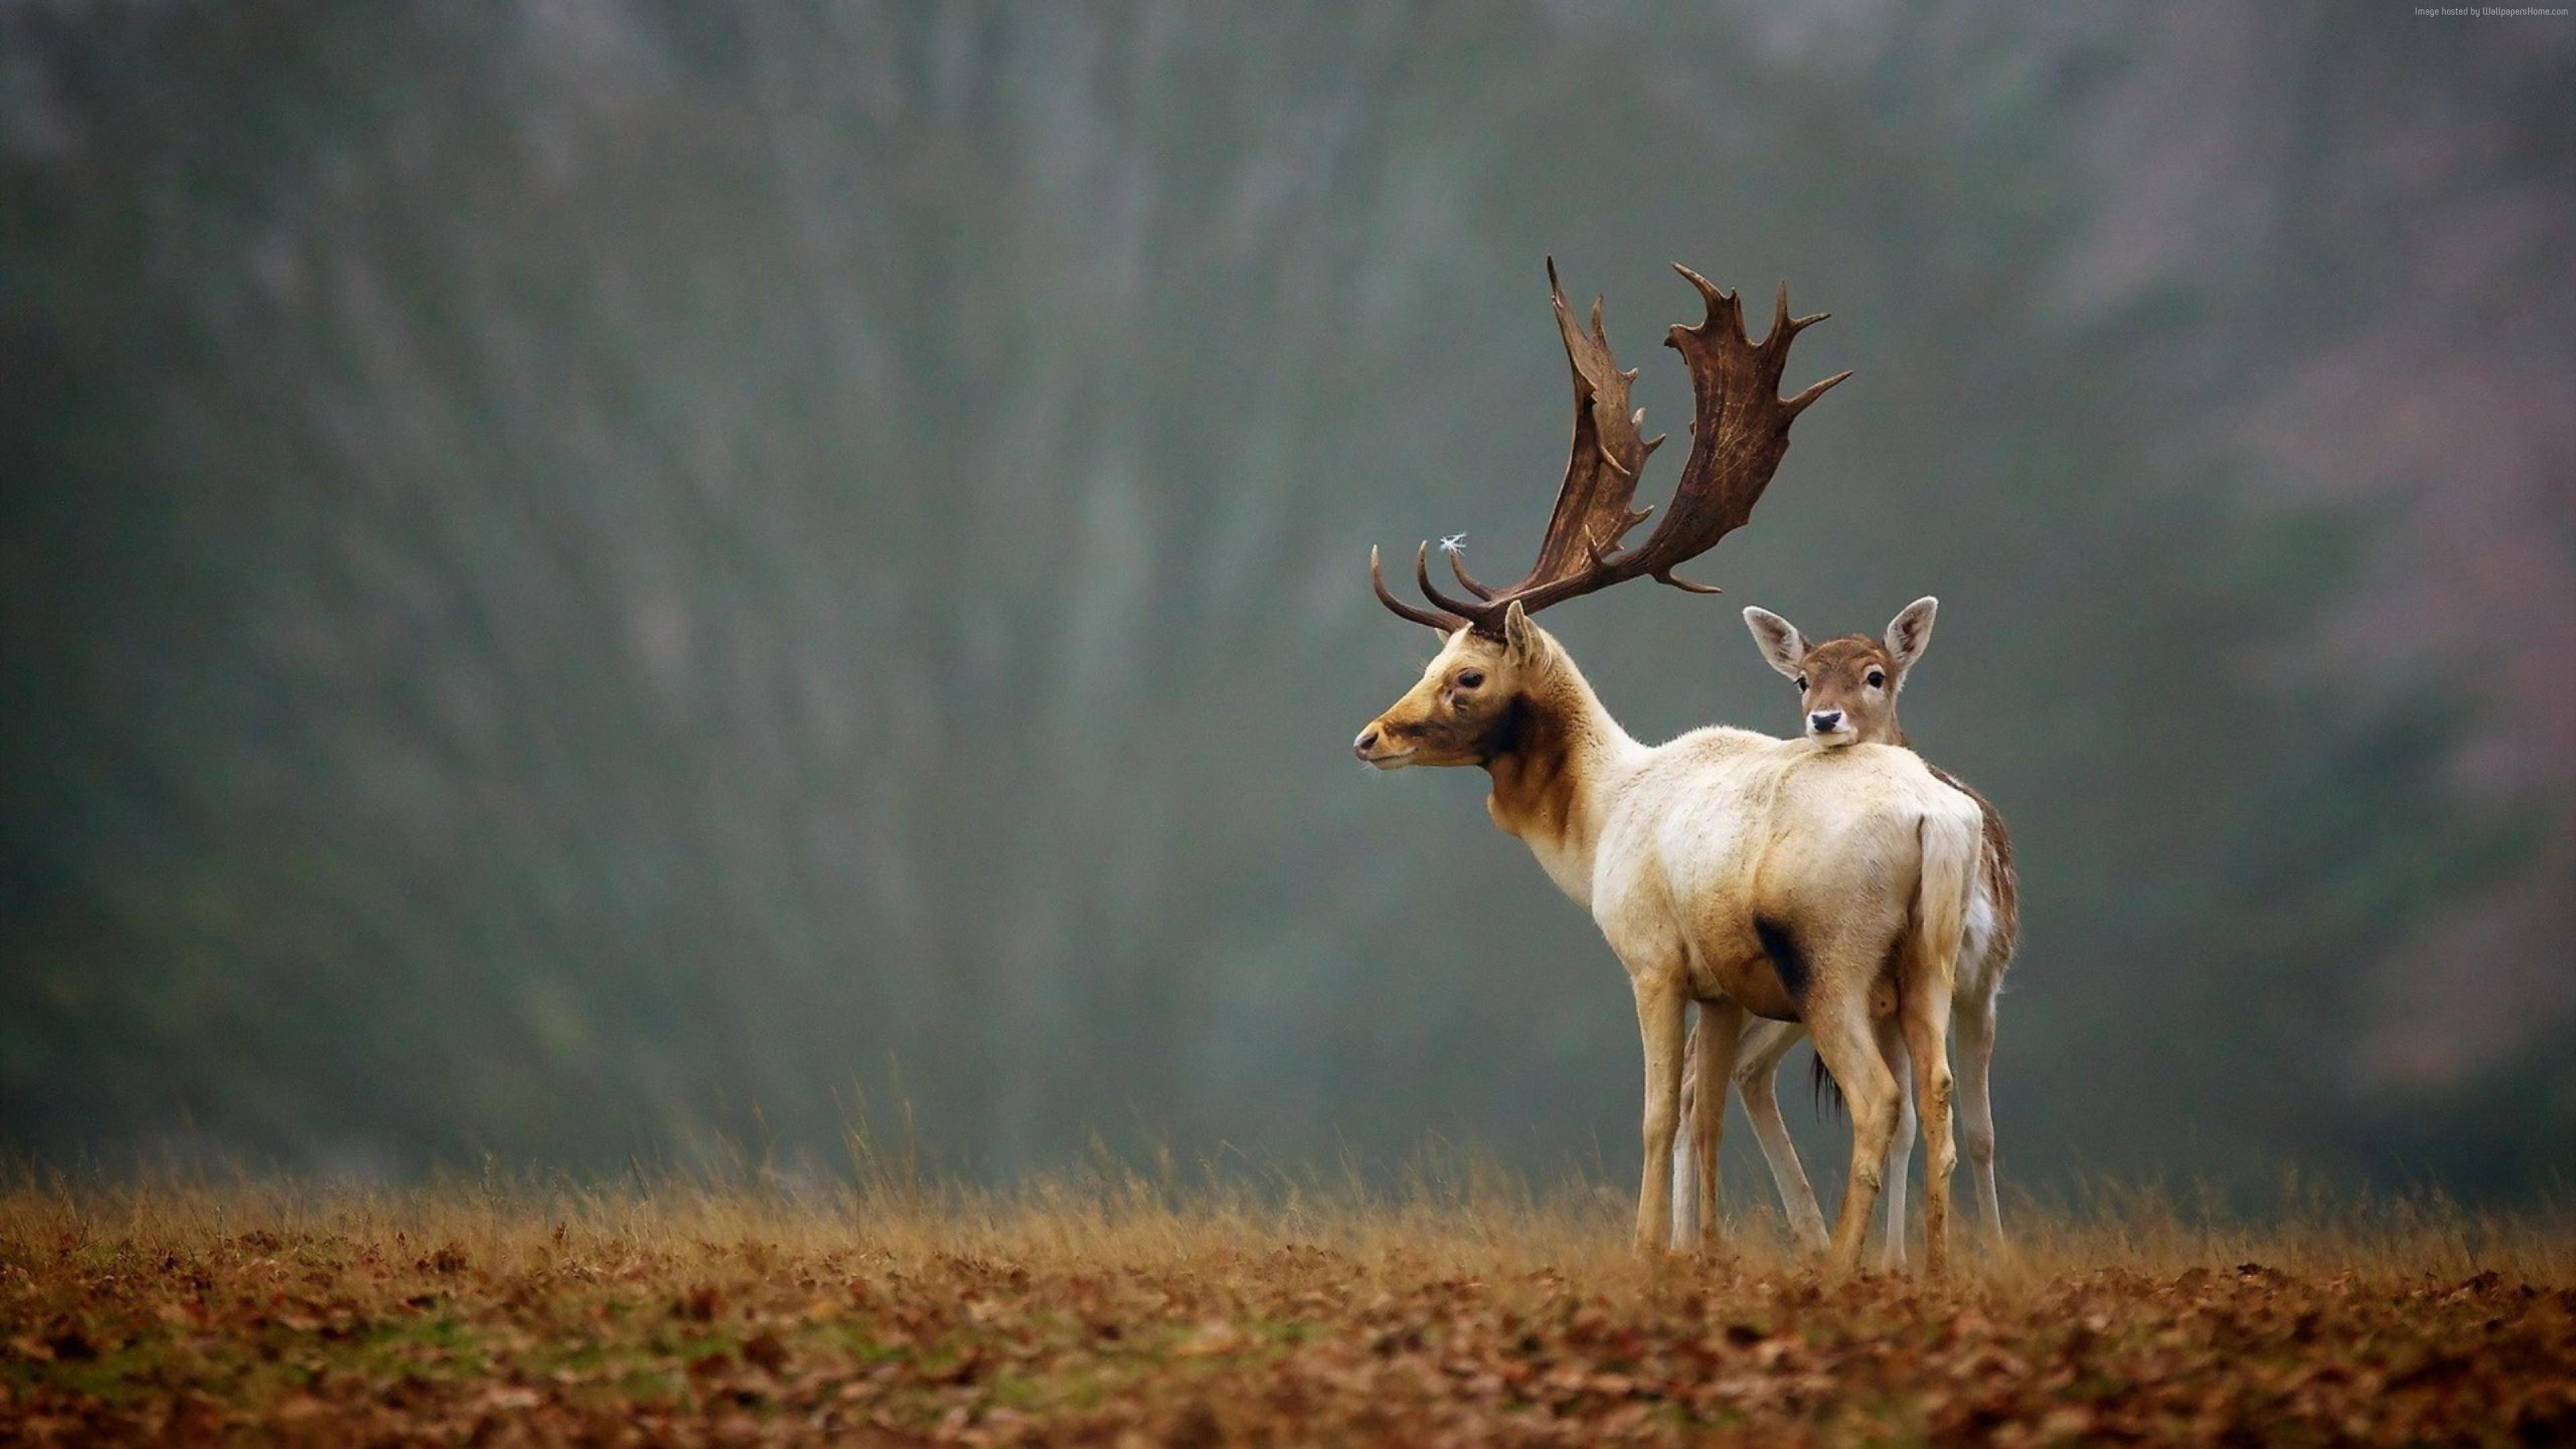 deer themed wallpaper for desktops, 991 kB – Delton Thomas